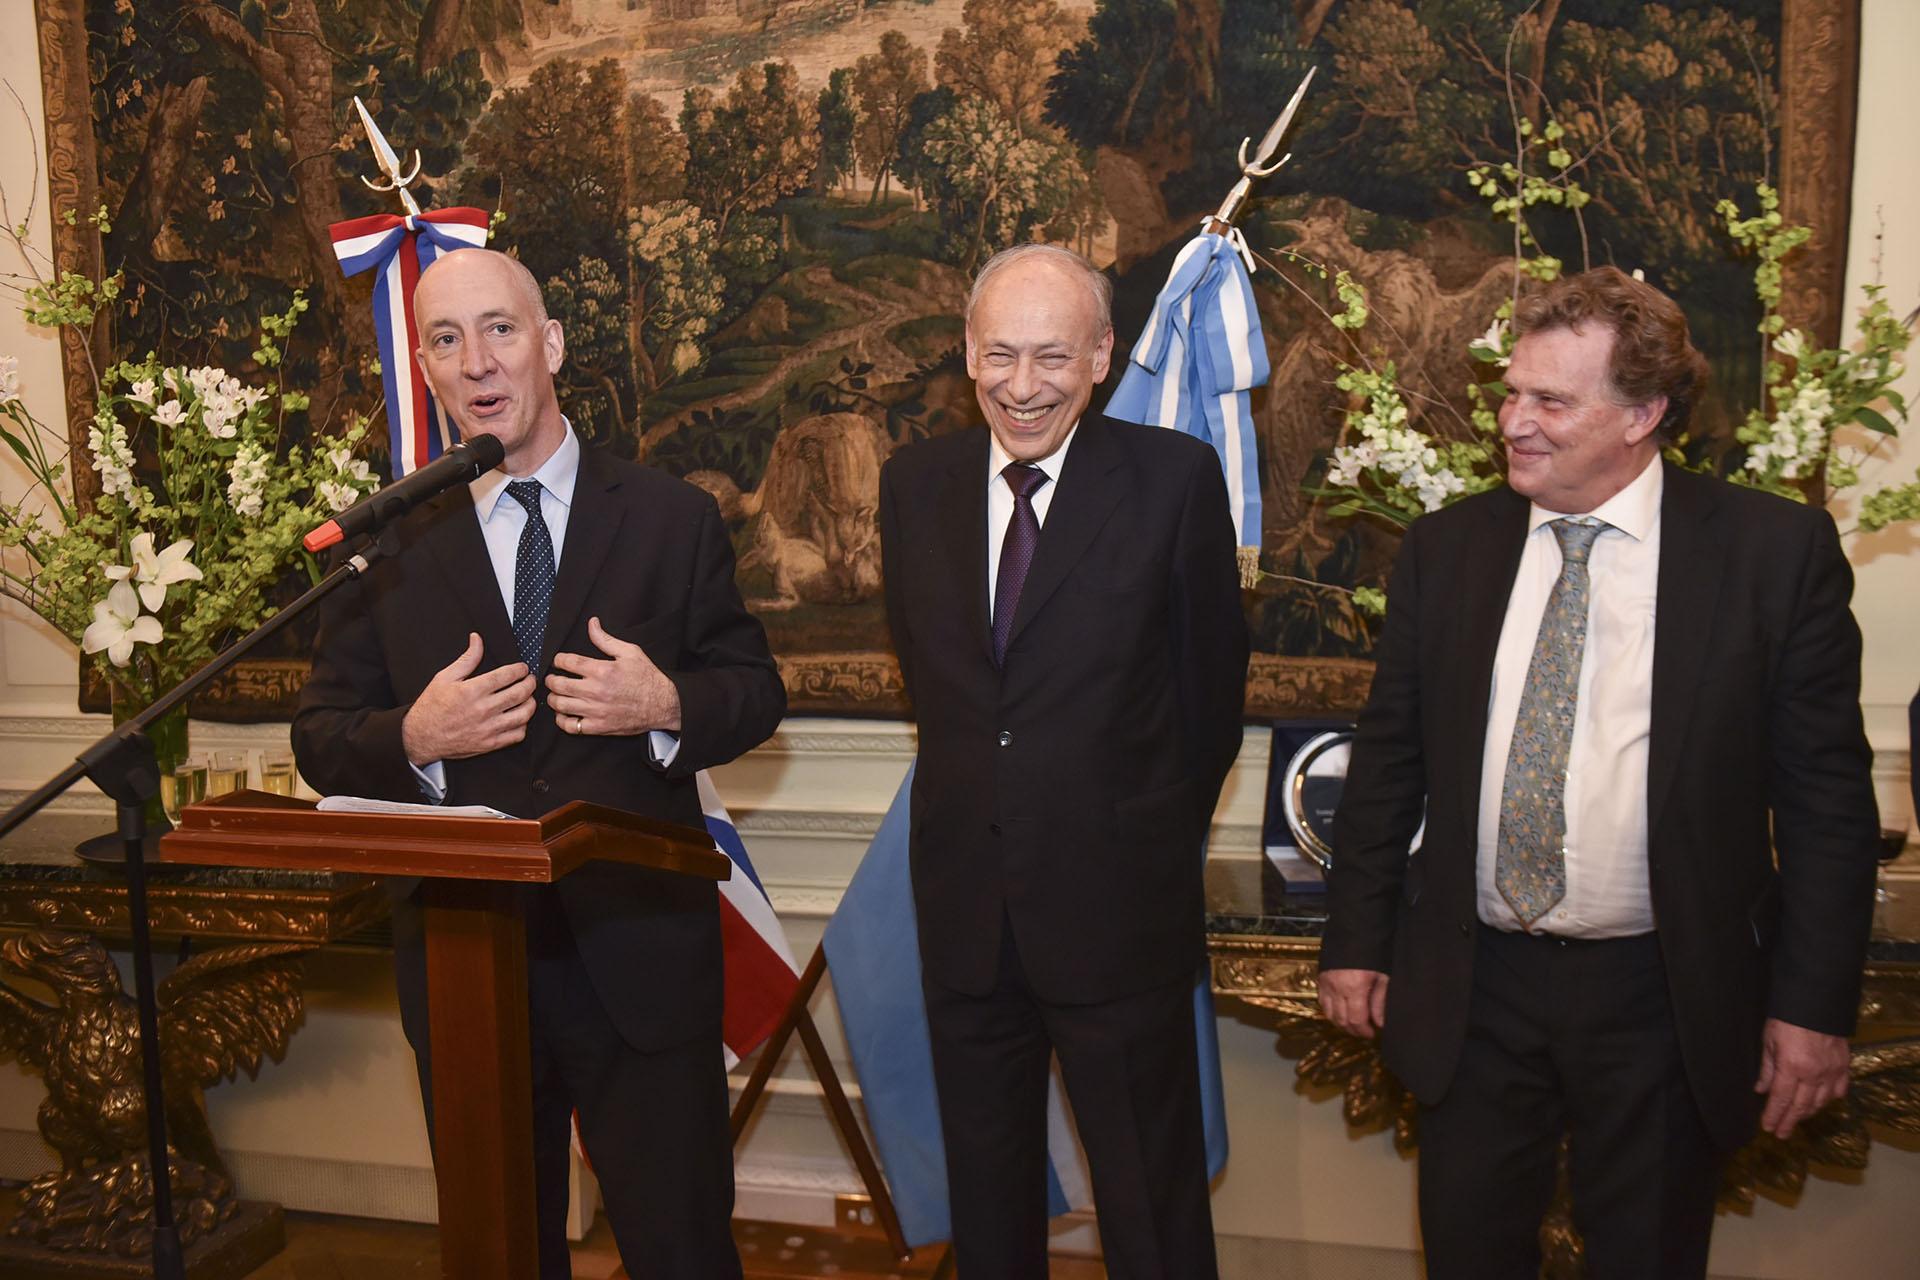 El embajador británico, Mark Kent, durante su discurso acompañado por el presidente de la Fundación Konex, Luis Ovsejevich, y por el embajador argentino ante el Reino Unido, Carlos Sersale di Cerisano